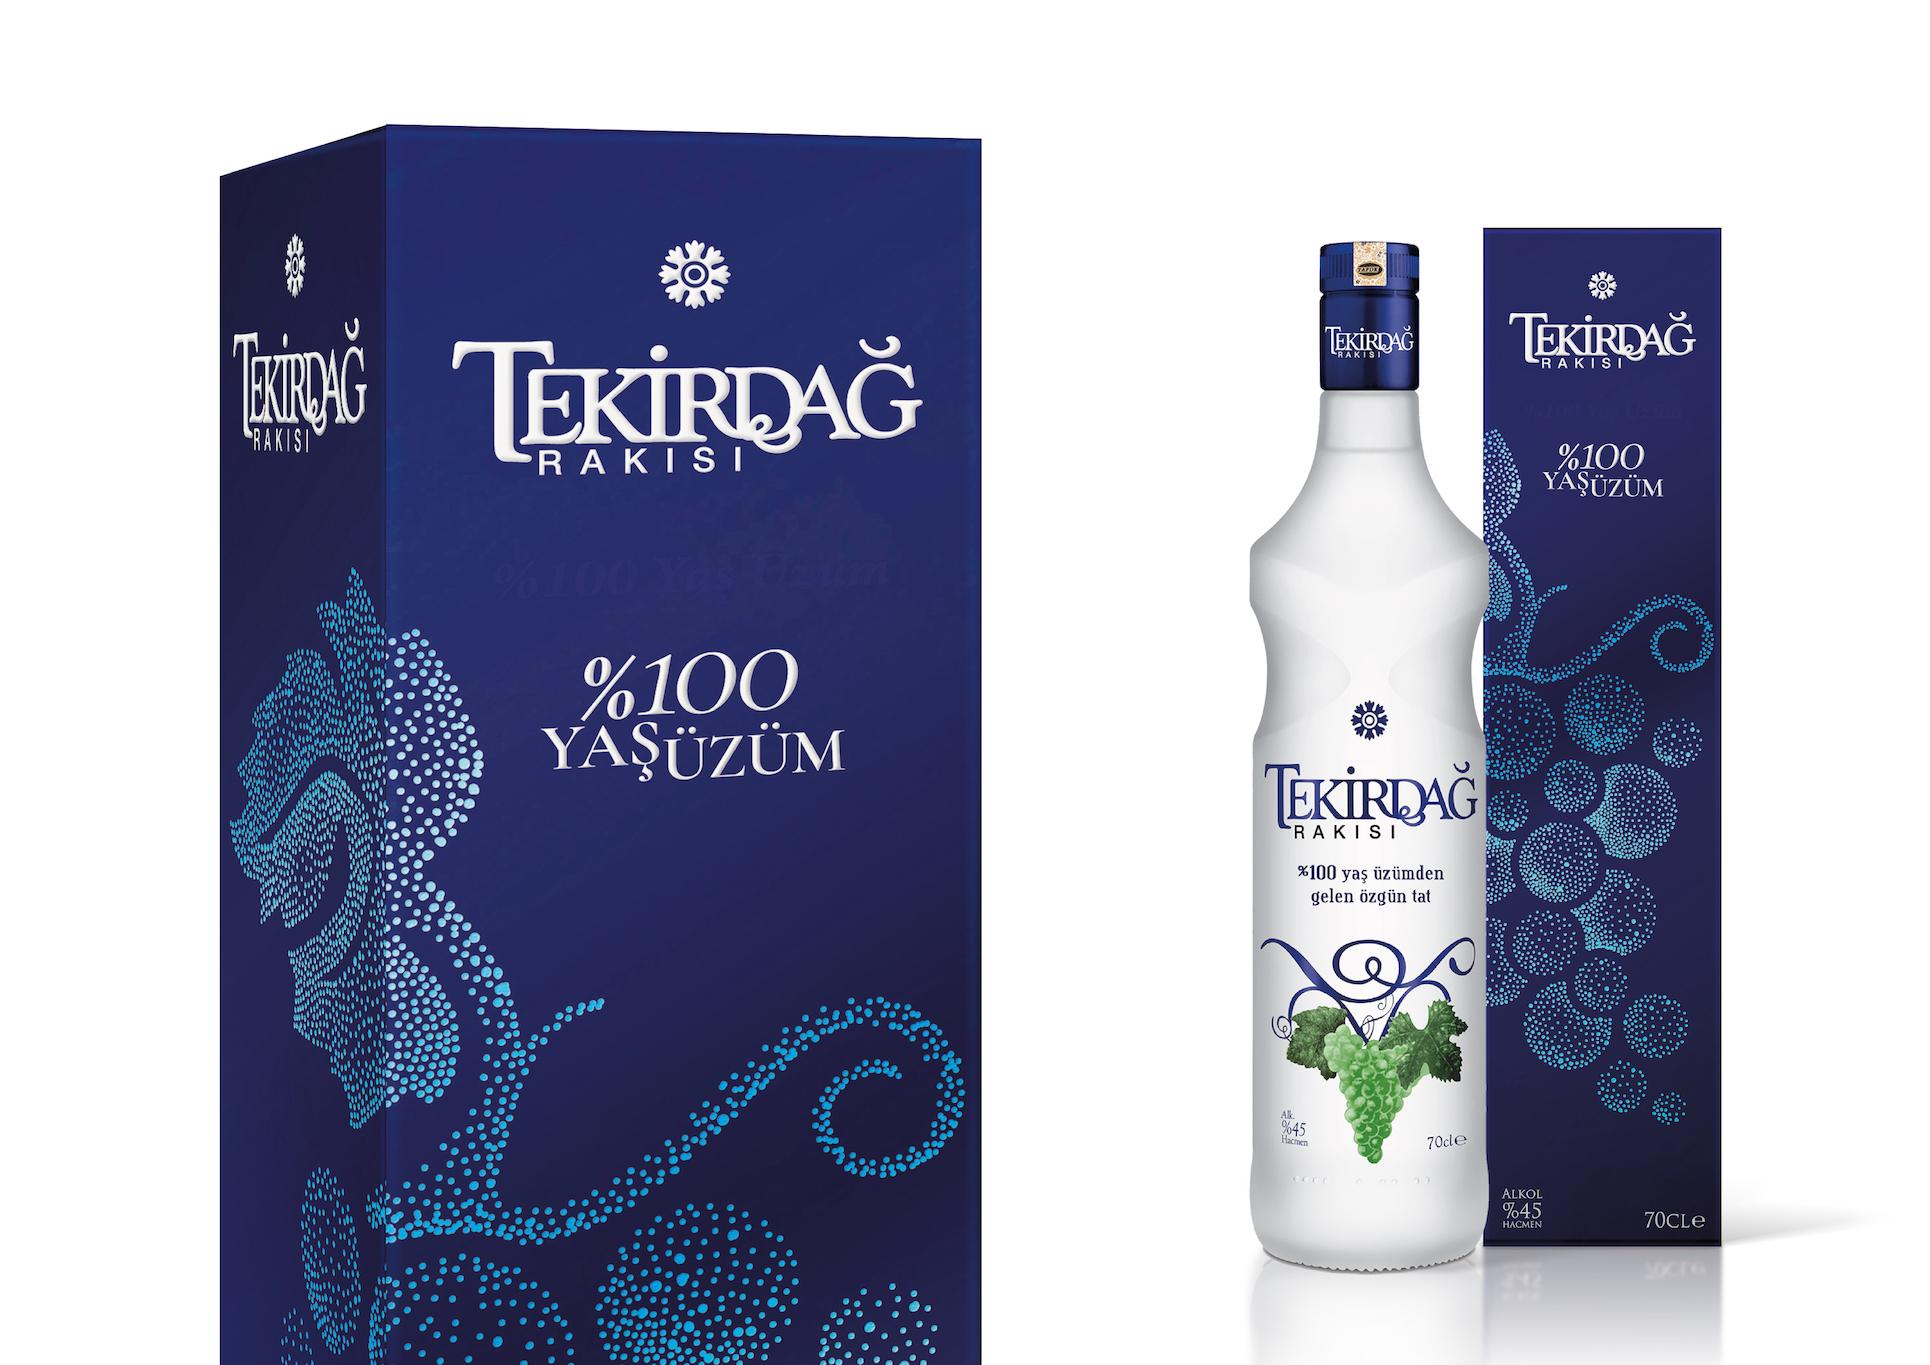 Megusta Tekirdag Rakisi Mille et une fêtes home